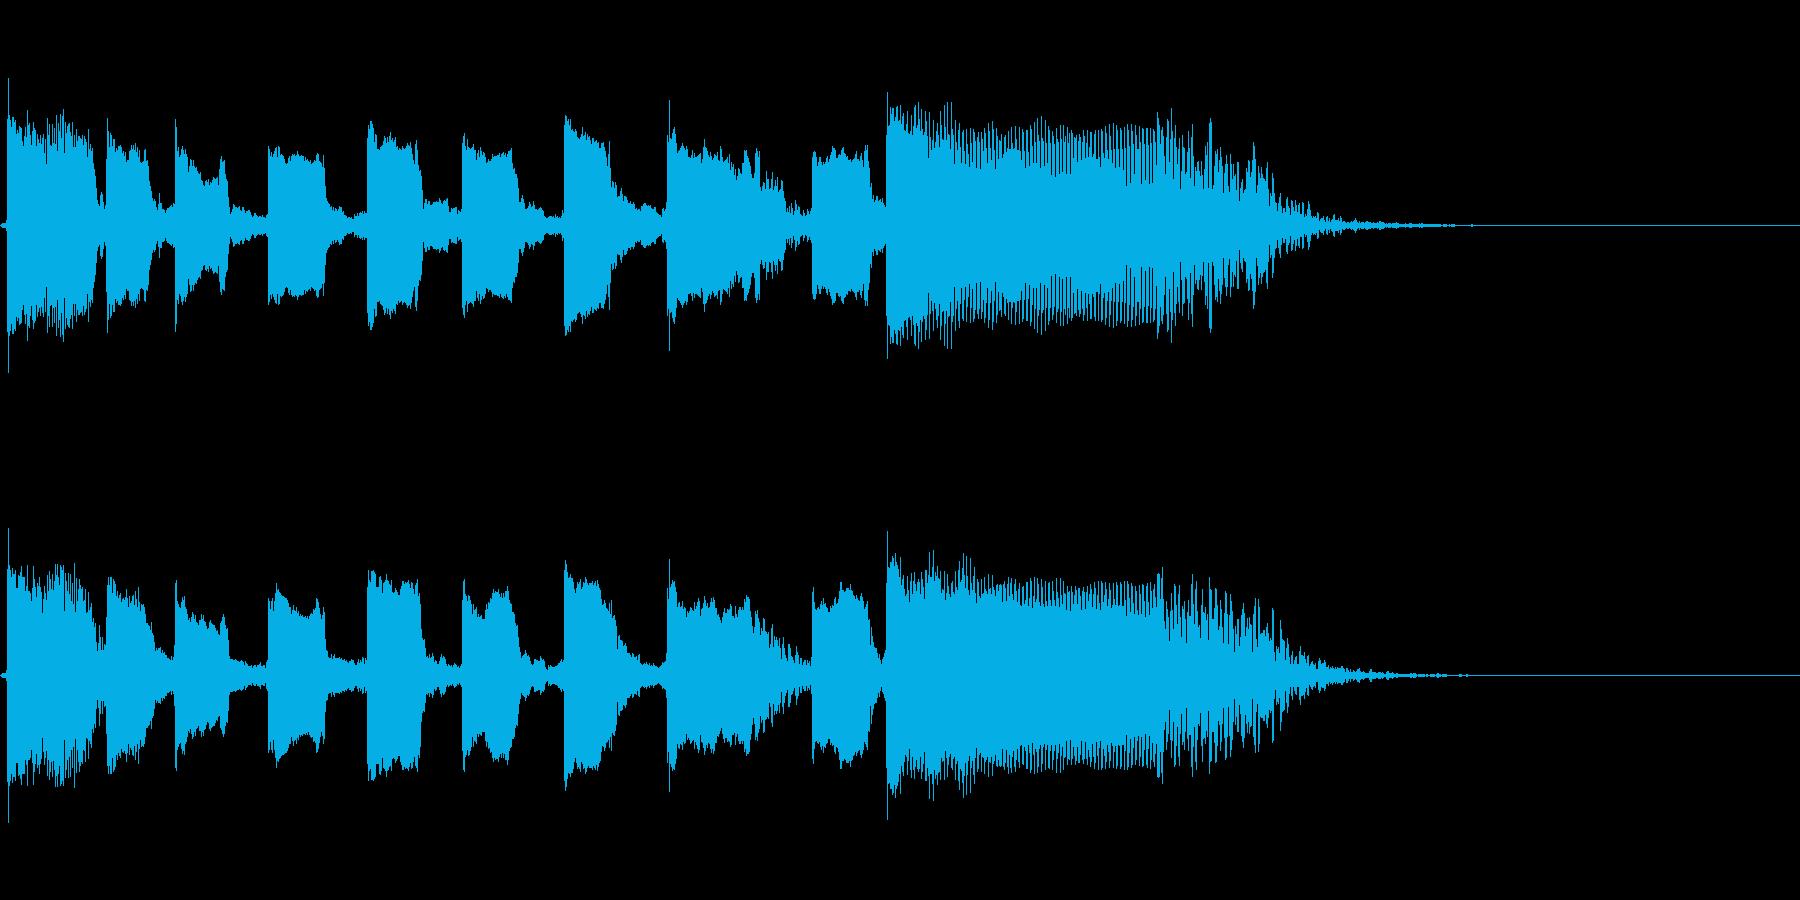 Guitarジングル3/おしゃれソロの再生済みの波形